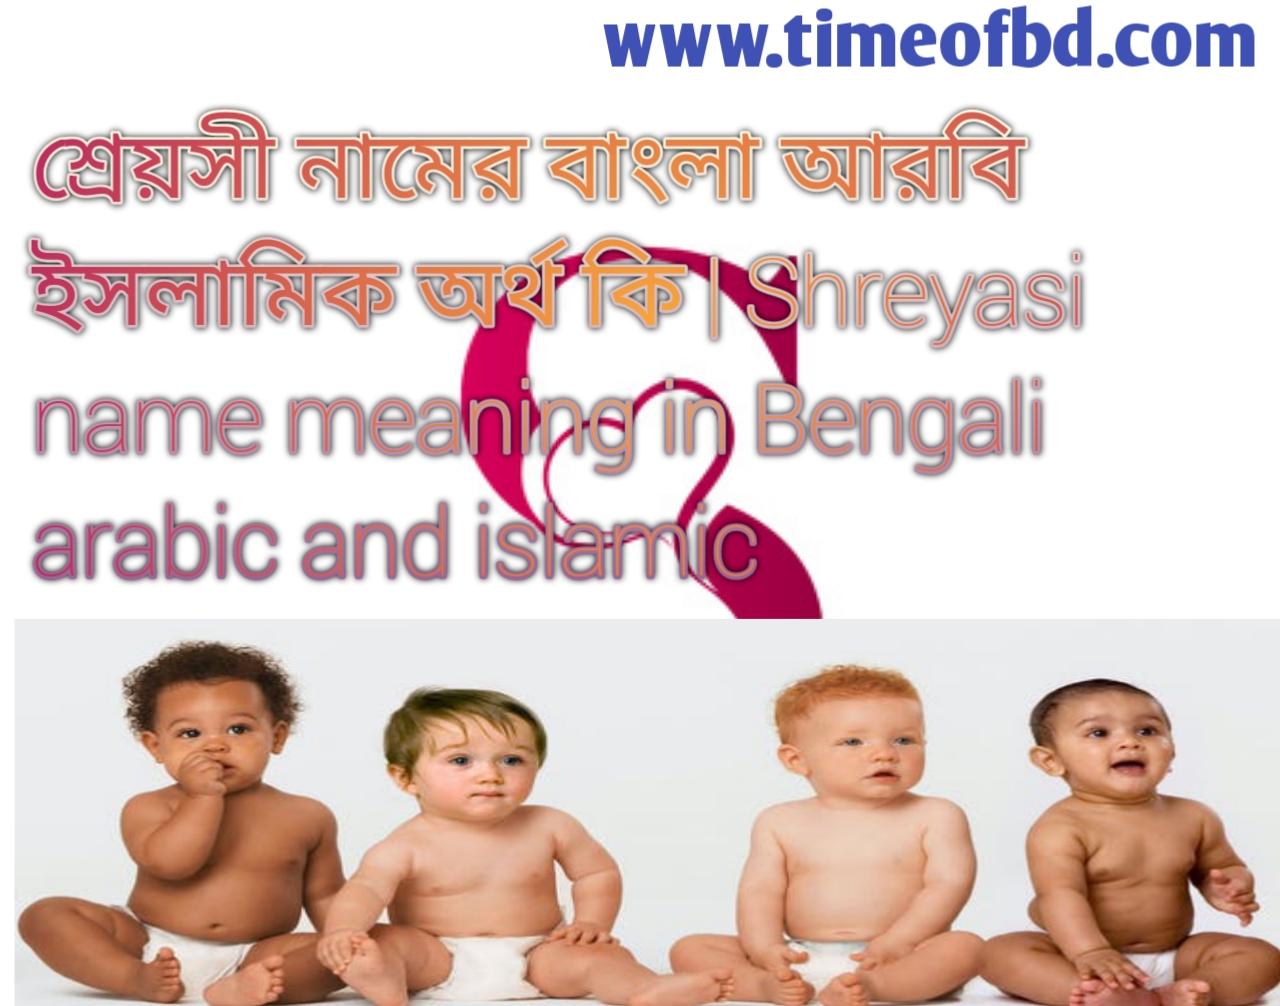 শ্রেয়সী নামের অর্থ কি, শ্রেয়সী নামের বাংলা অর্থ কি, শ্রেয়সী নামের ইসলামিক অর্থ কি, Shreyasi name meaning in Bengali, শ্রেয়সী কি ইসলামিক নাম,